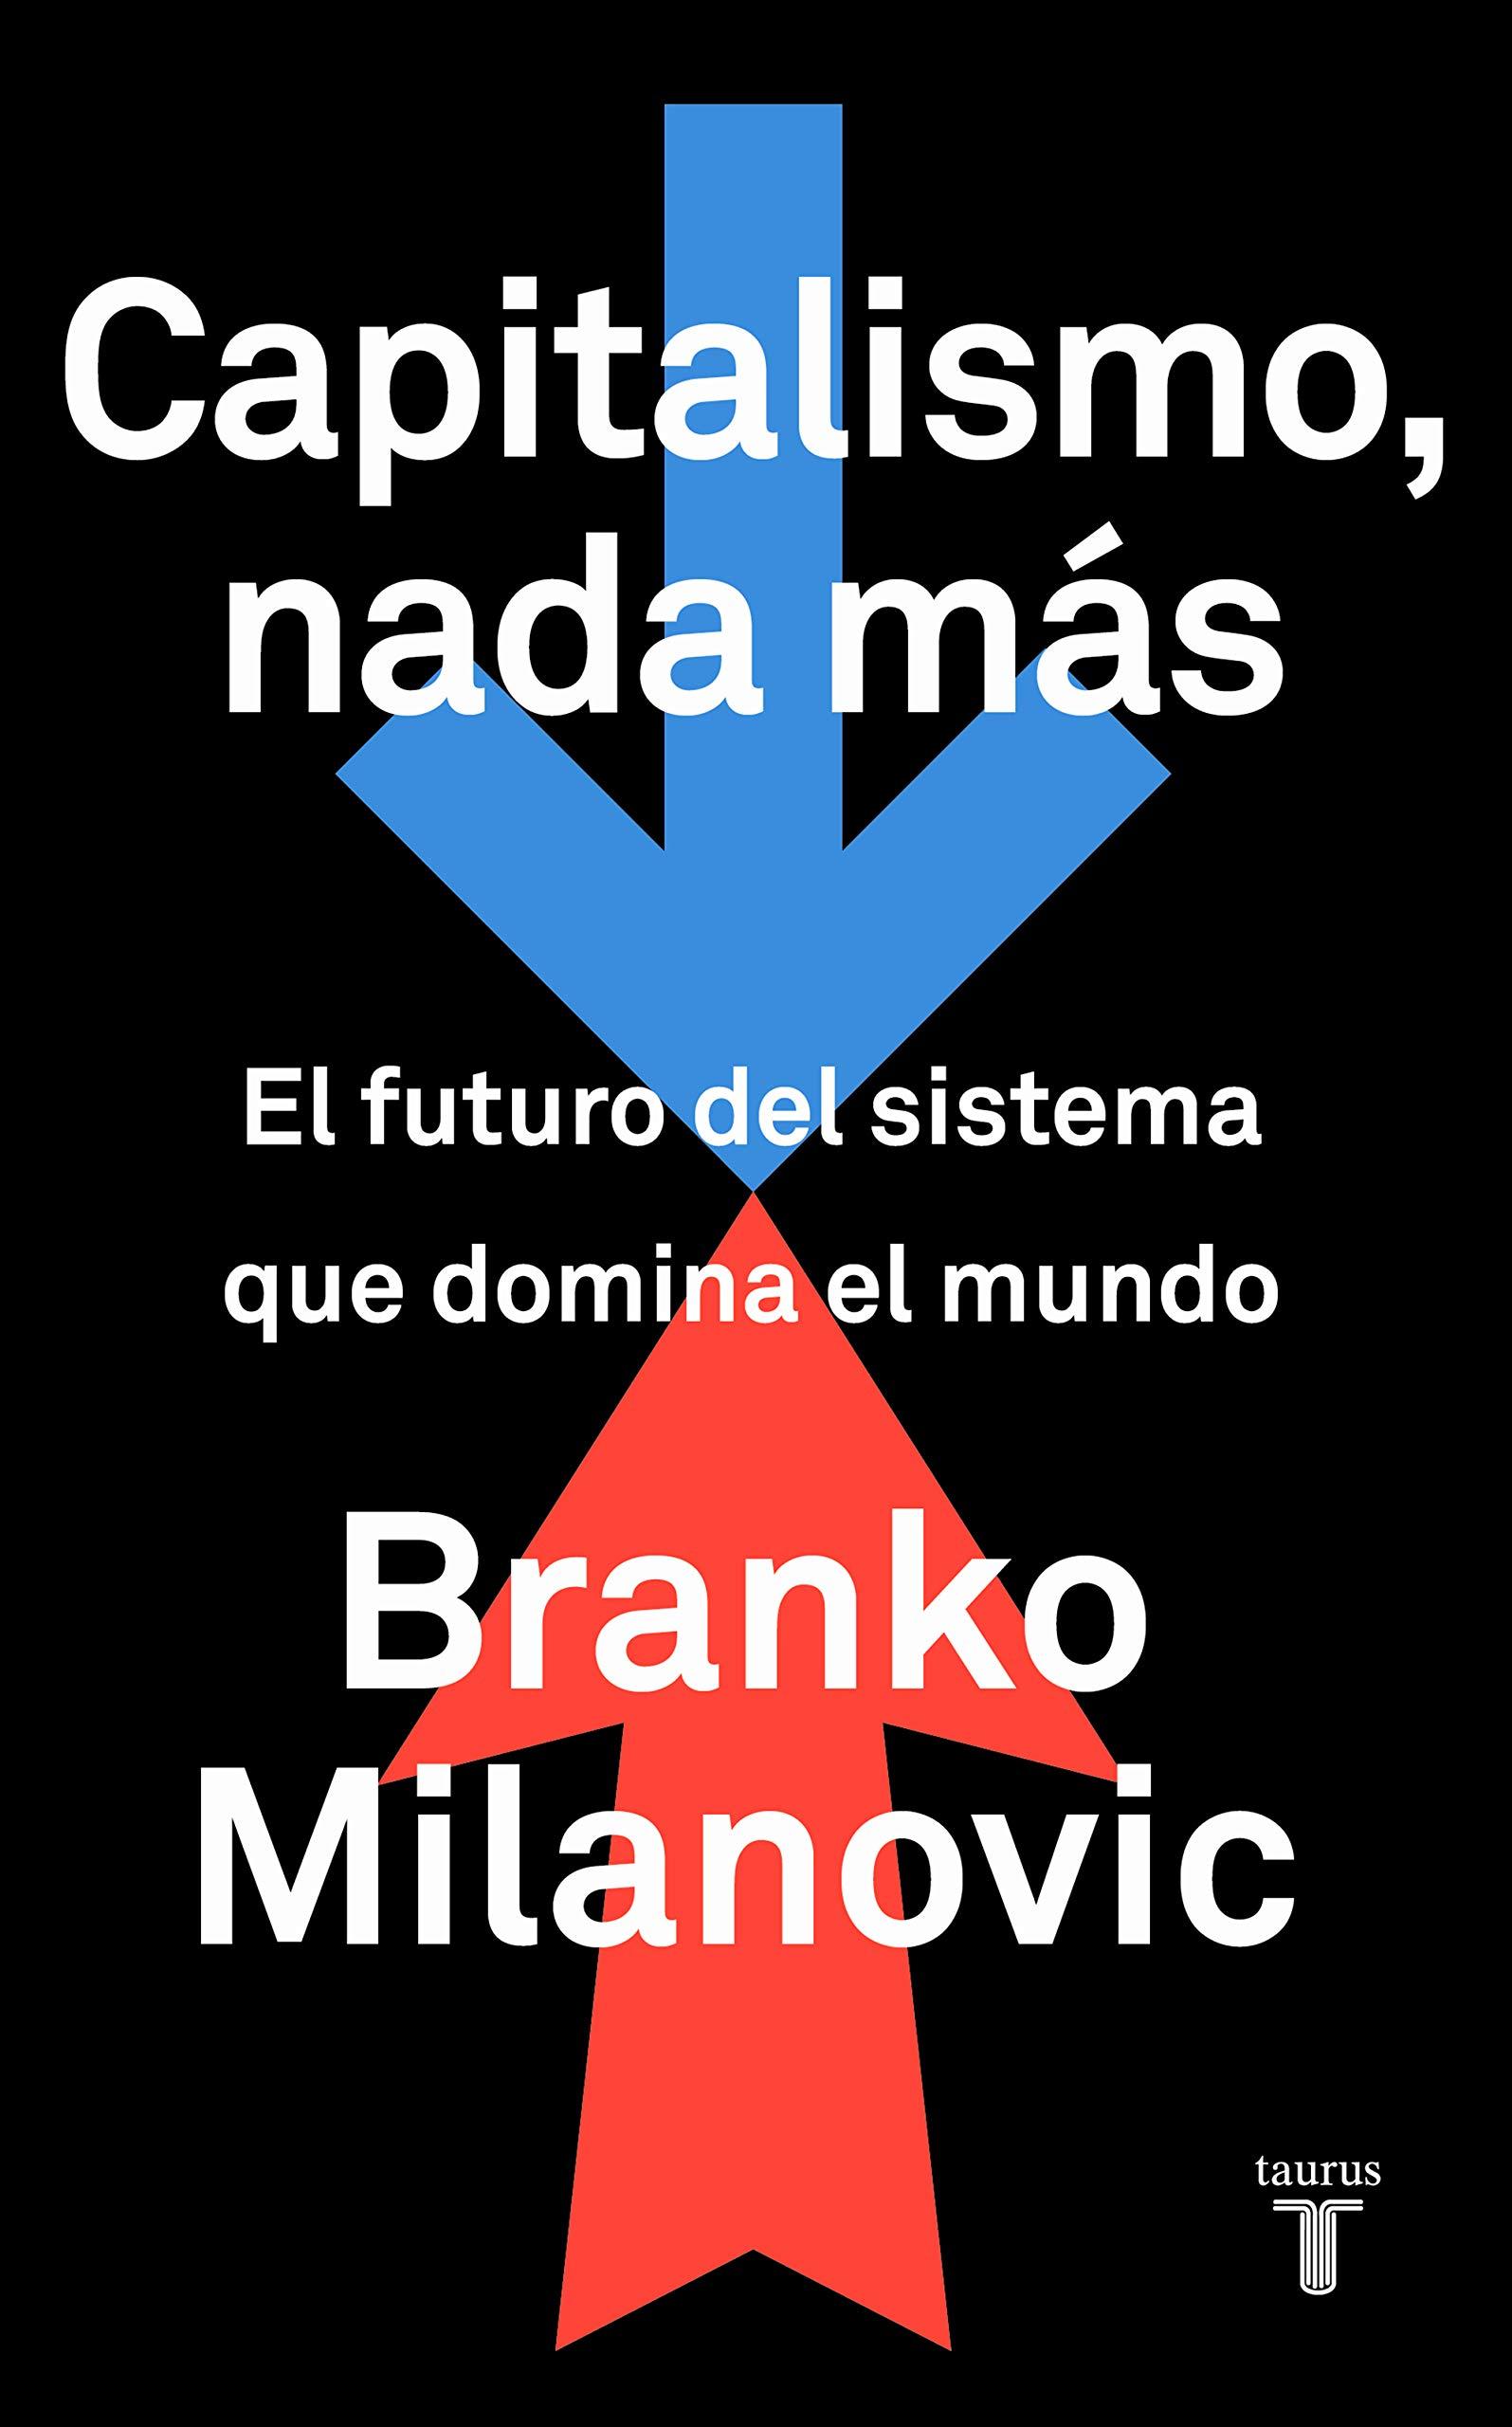 Capitalismo, nada más: El futuro del sistema que domina el mundo (Spanish Edition)